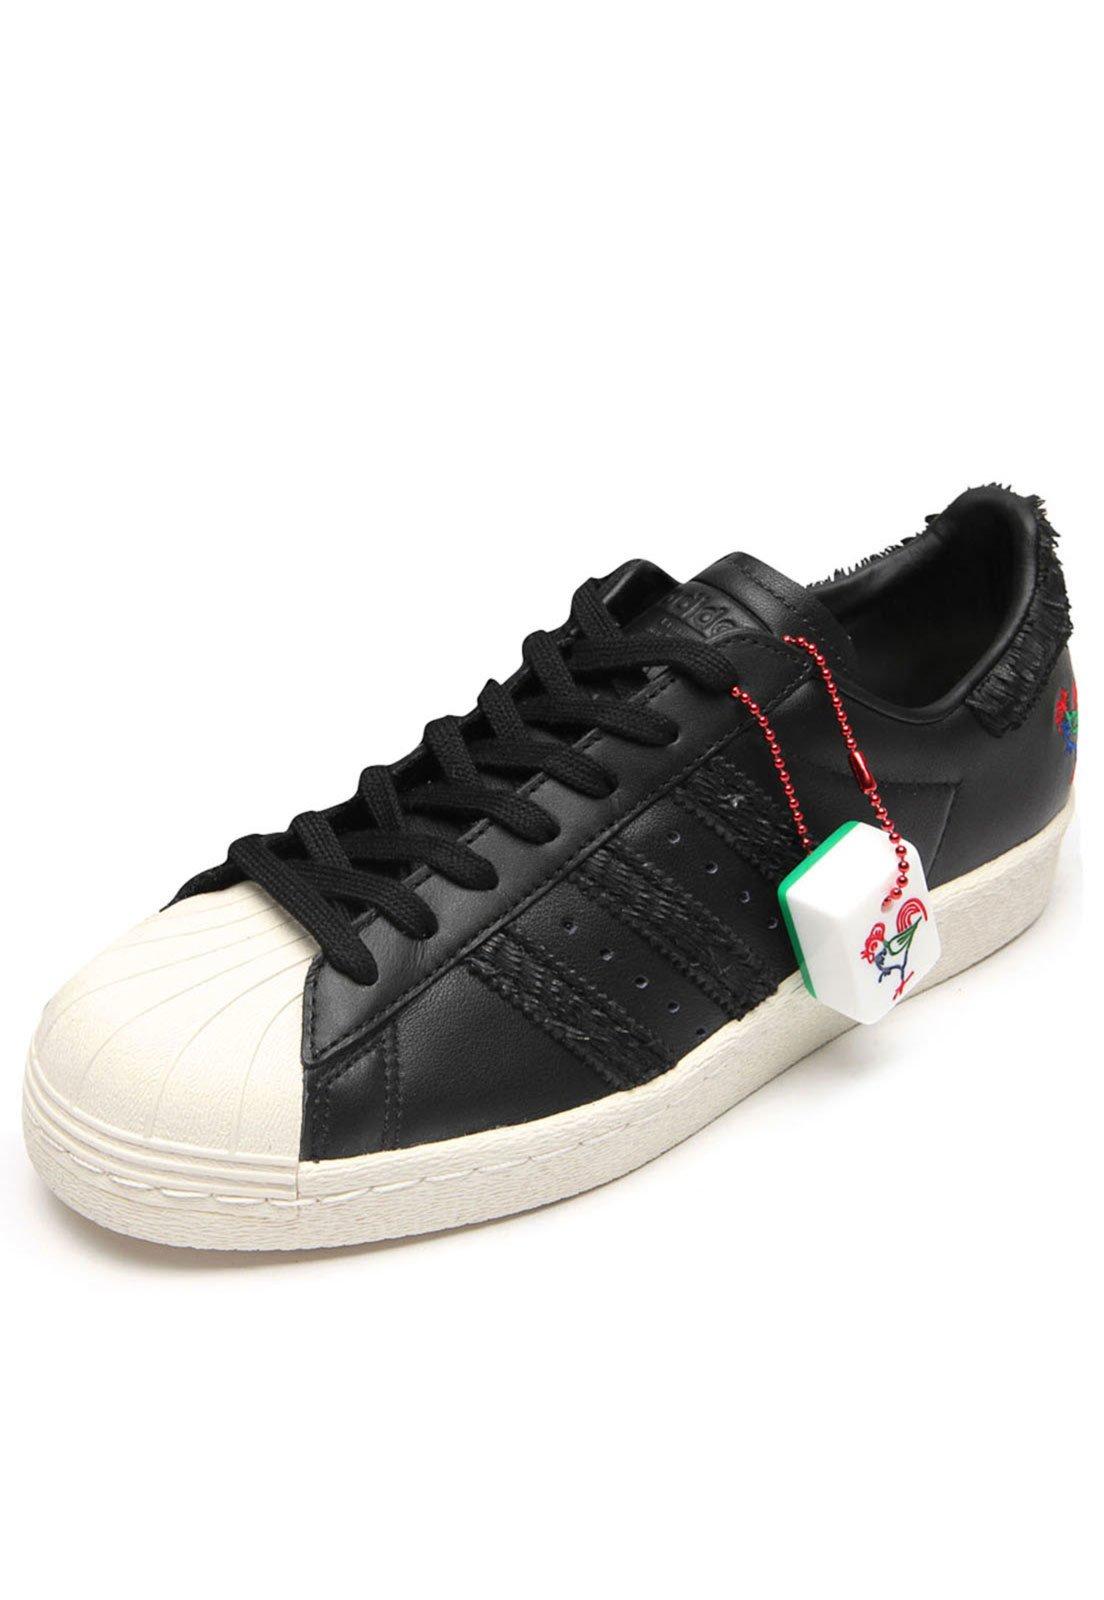 30b1350d07b Tênis Couro adidas Originals Superstar 80S Cny Preto Branco - Compre Agora